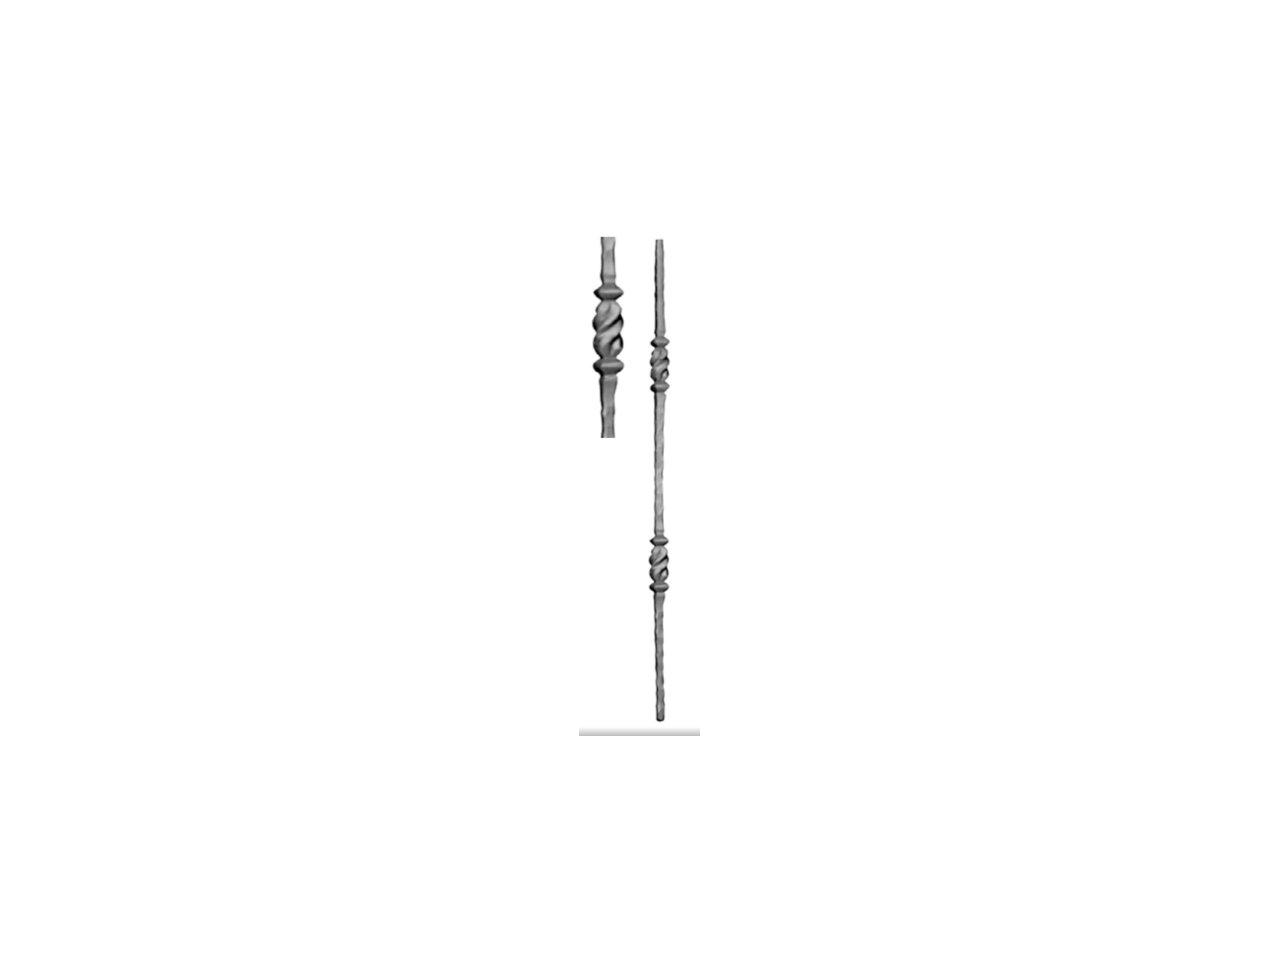 Tralka Prosta Ozdobna 111.036 950mm